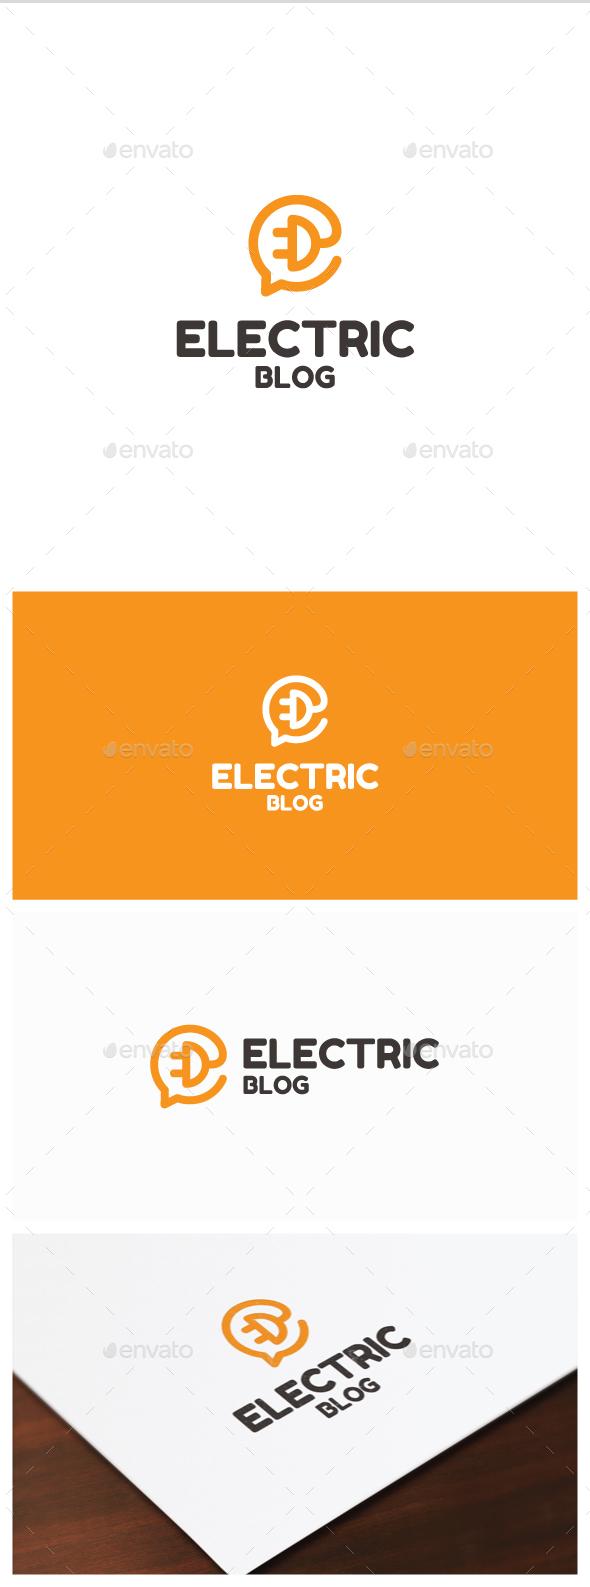 Electric Blogo Logo